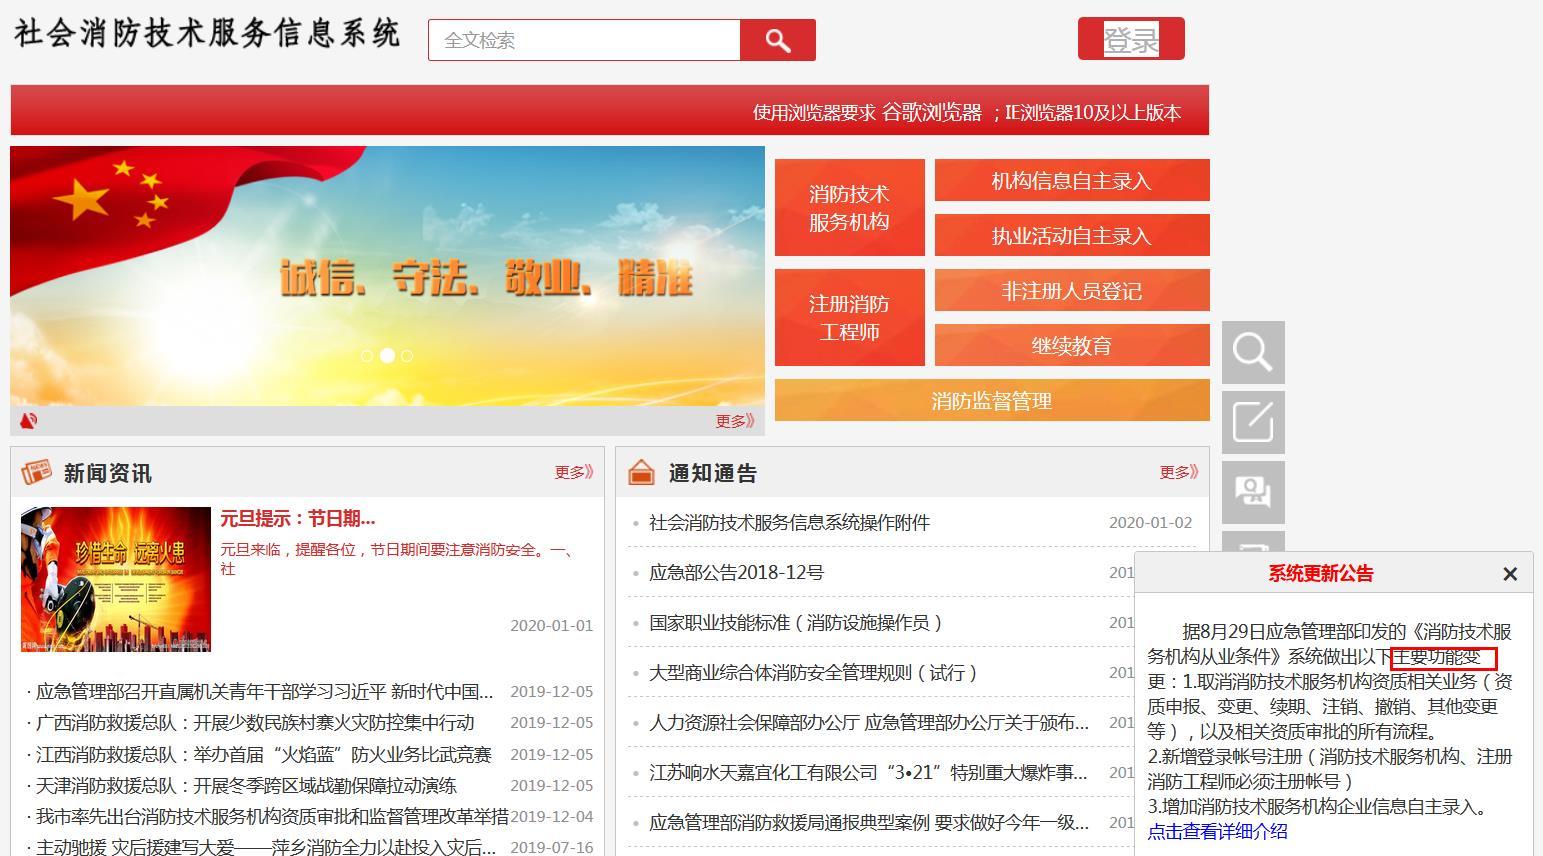 社会消防技术服务信息系统操作附件.png